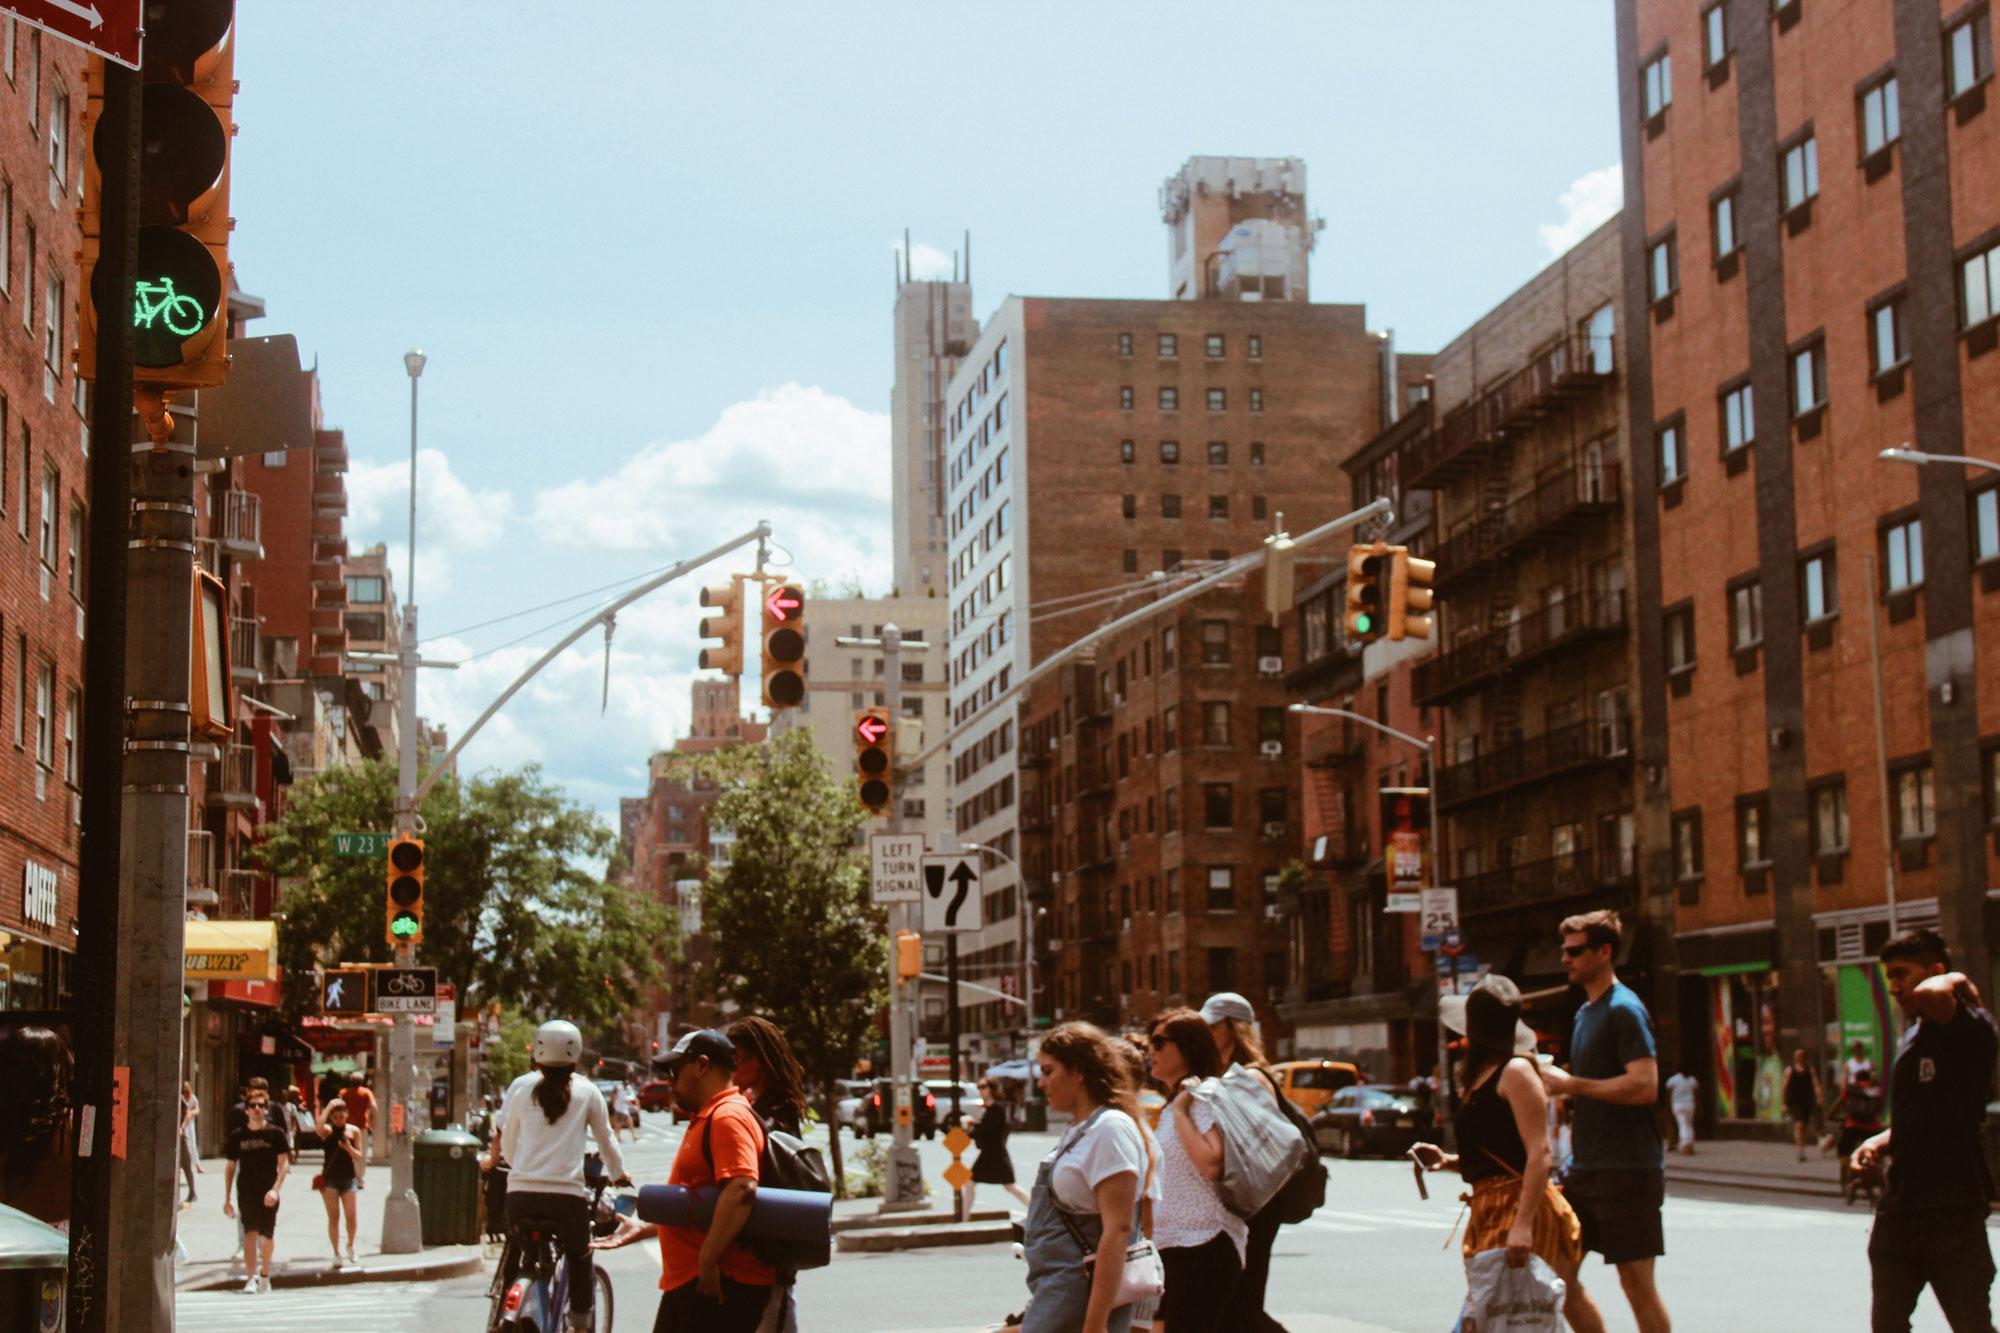 Busy crosswalk in a city